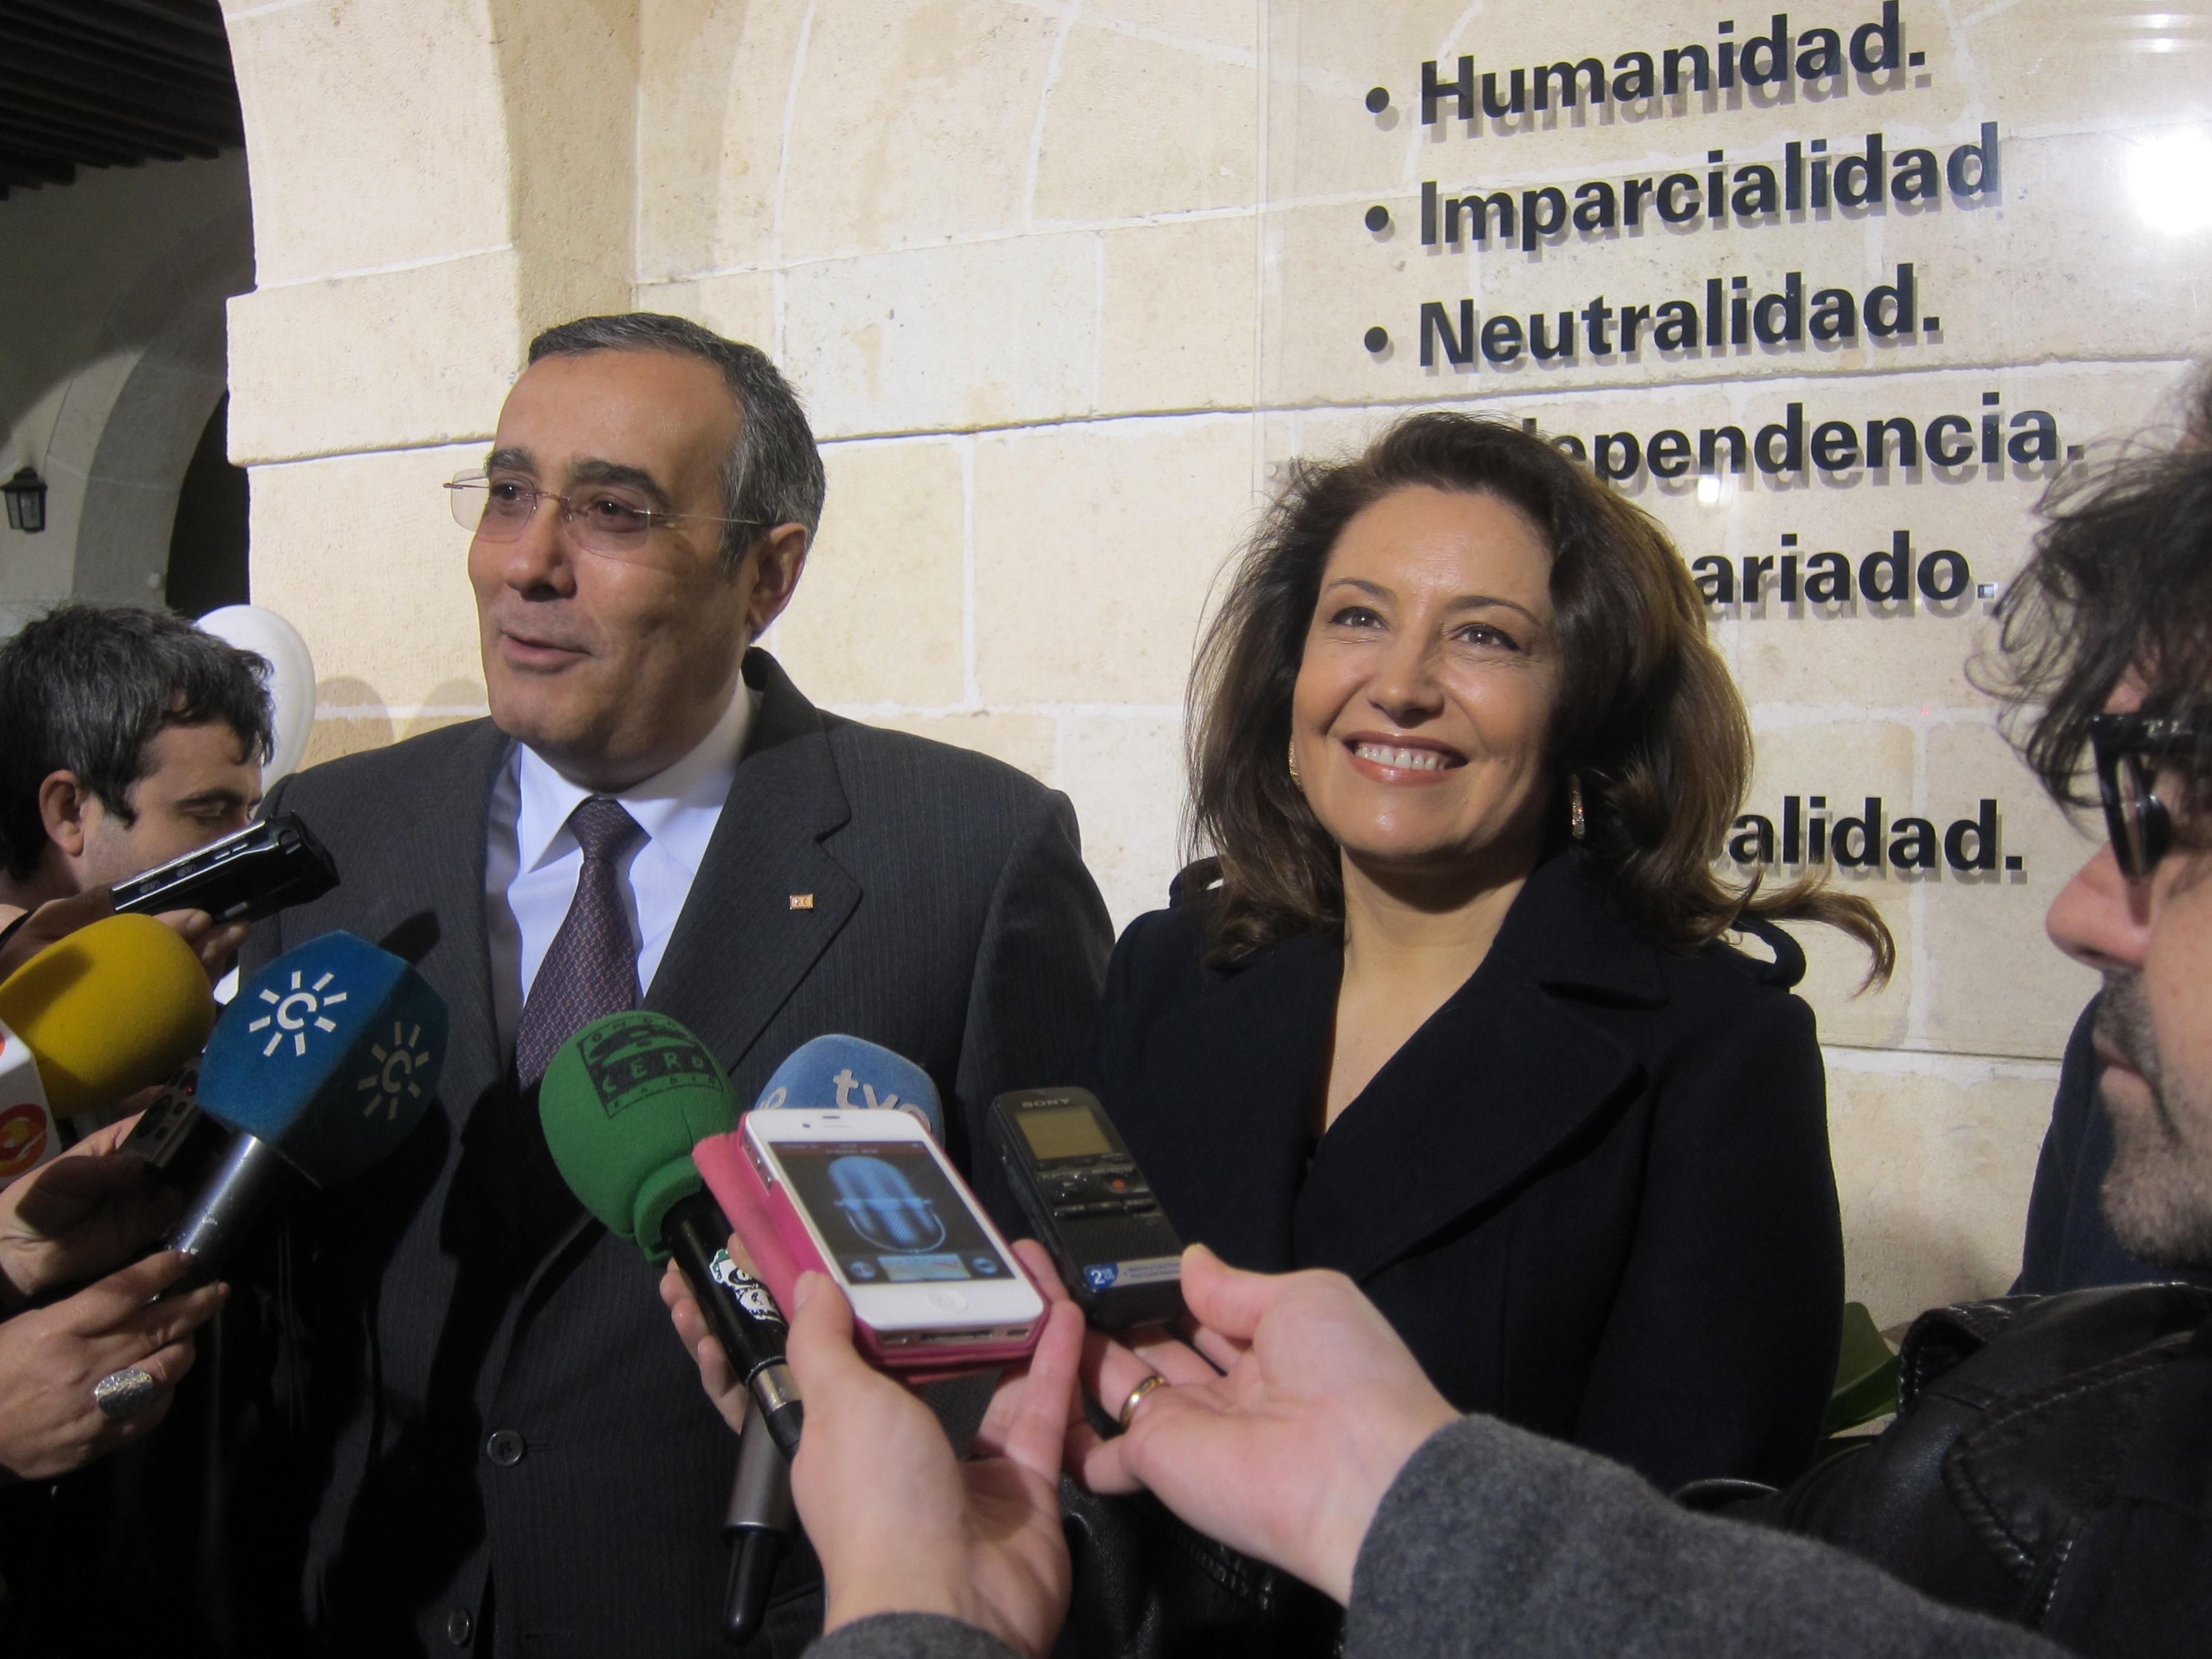 Crespo cree que la ley andaluza antidesahucios «no está dando resultados» y acusa a la Junta de «trabajar sin lealtad»